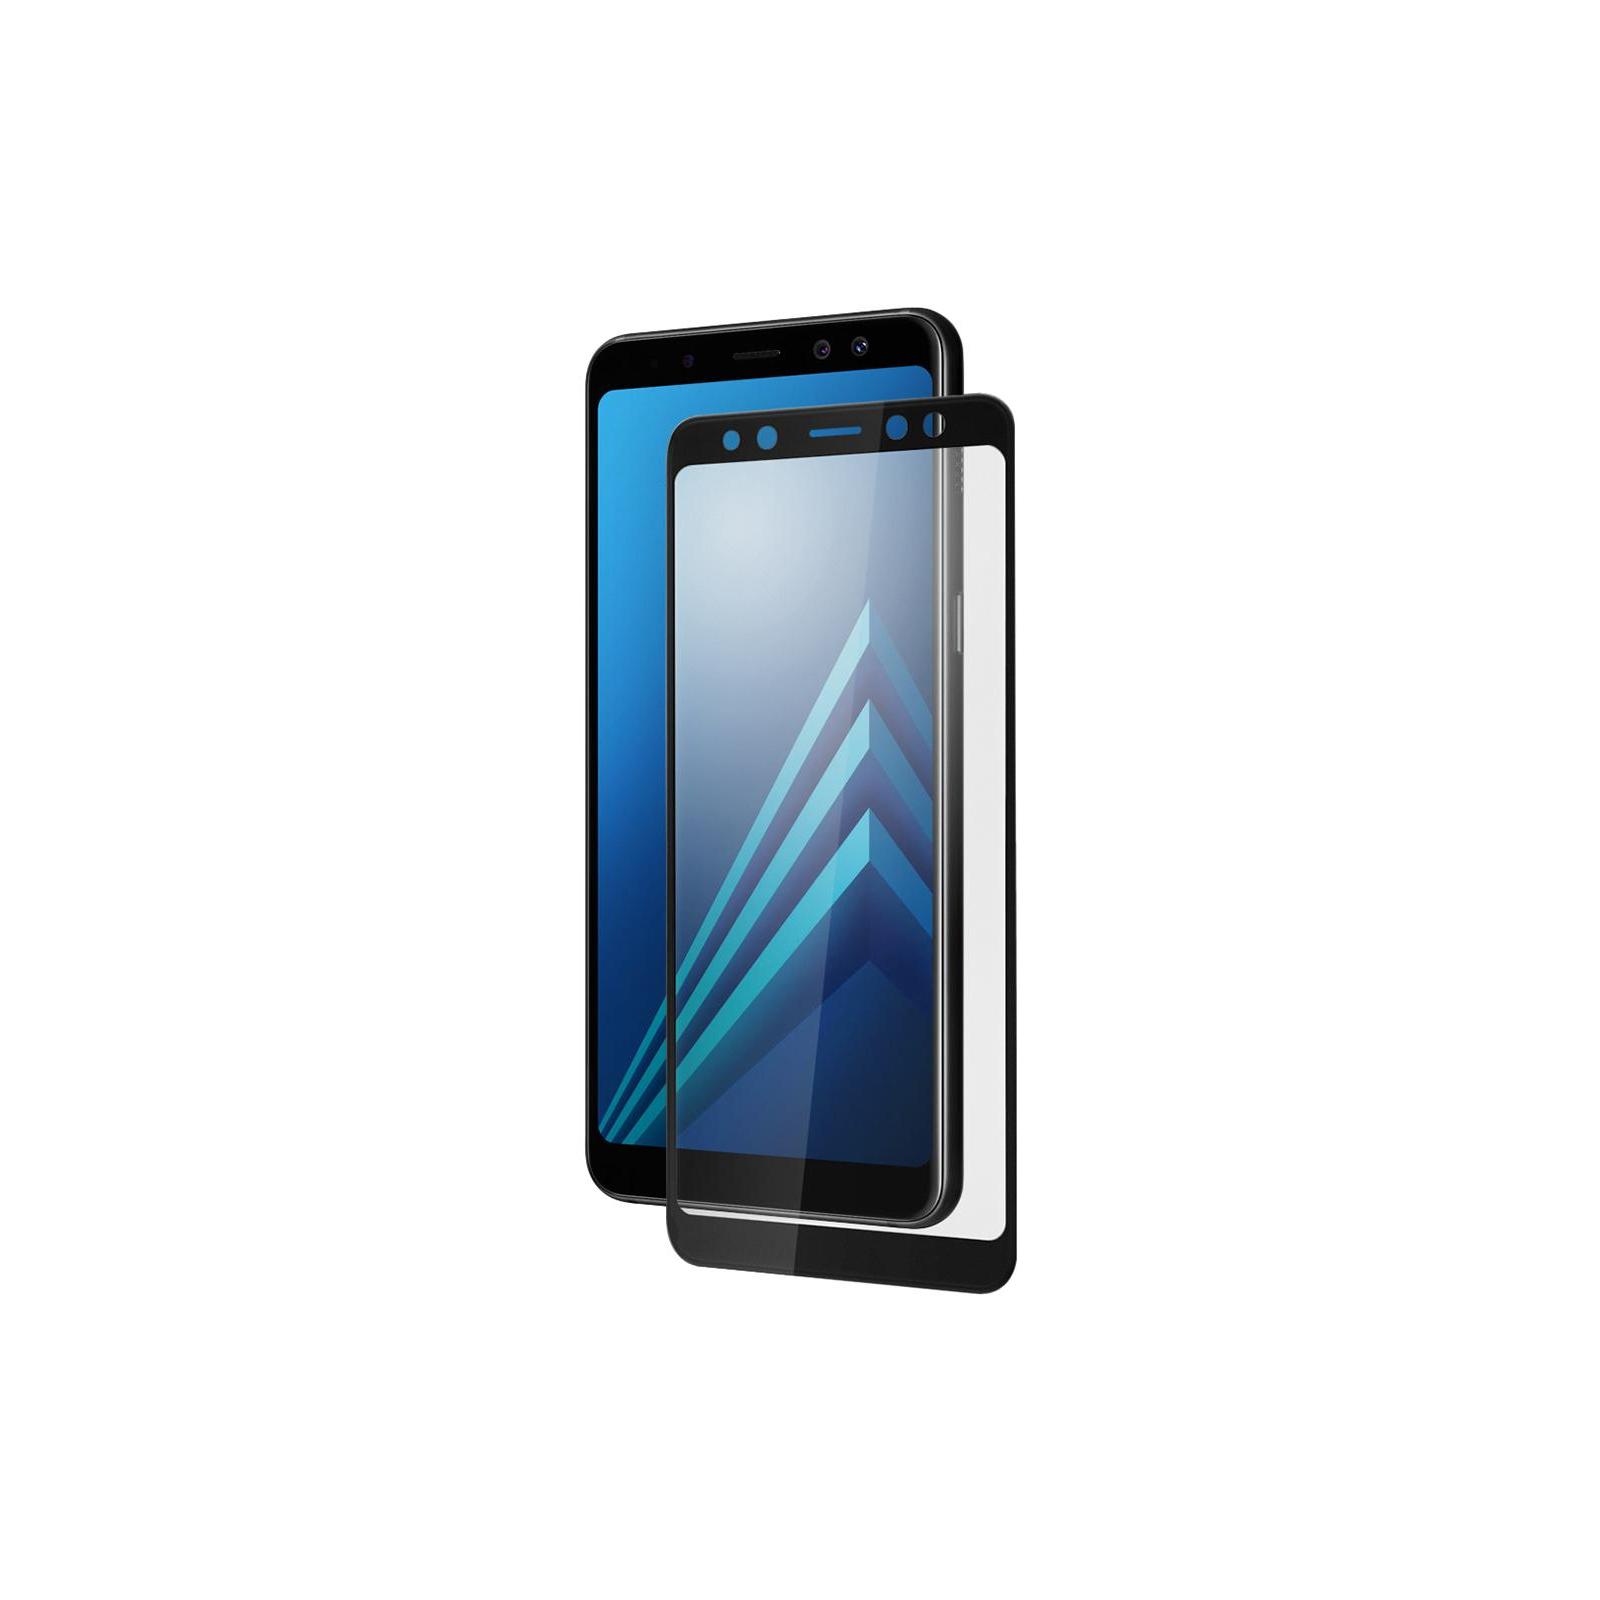 Стекло защитное Vinga для Samsung Galaxy A8 Plus (2018) A730 (VTPGS-A730) изображение 3